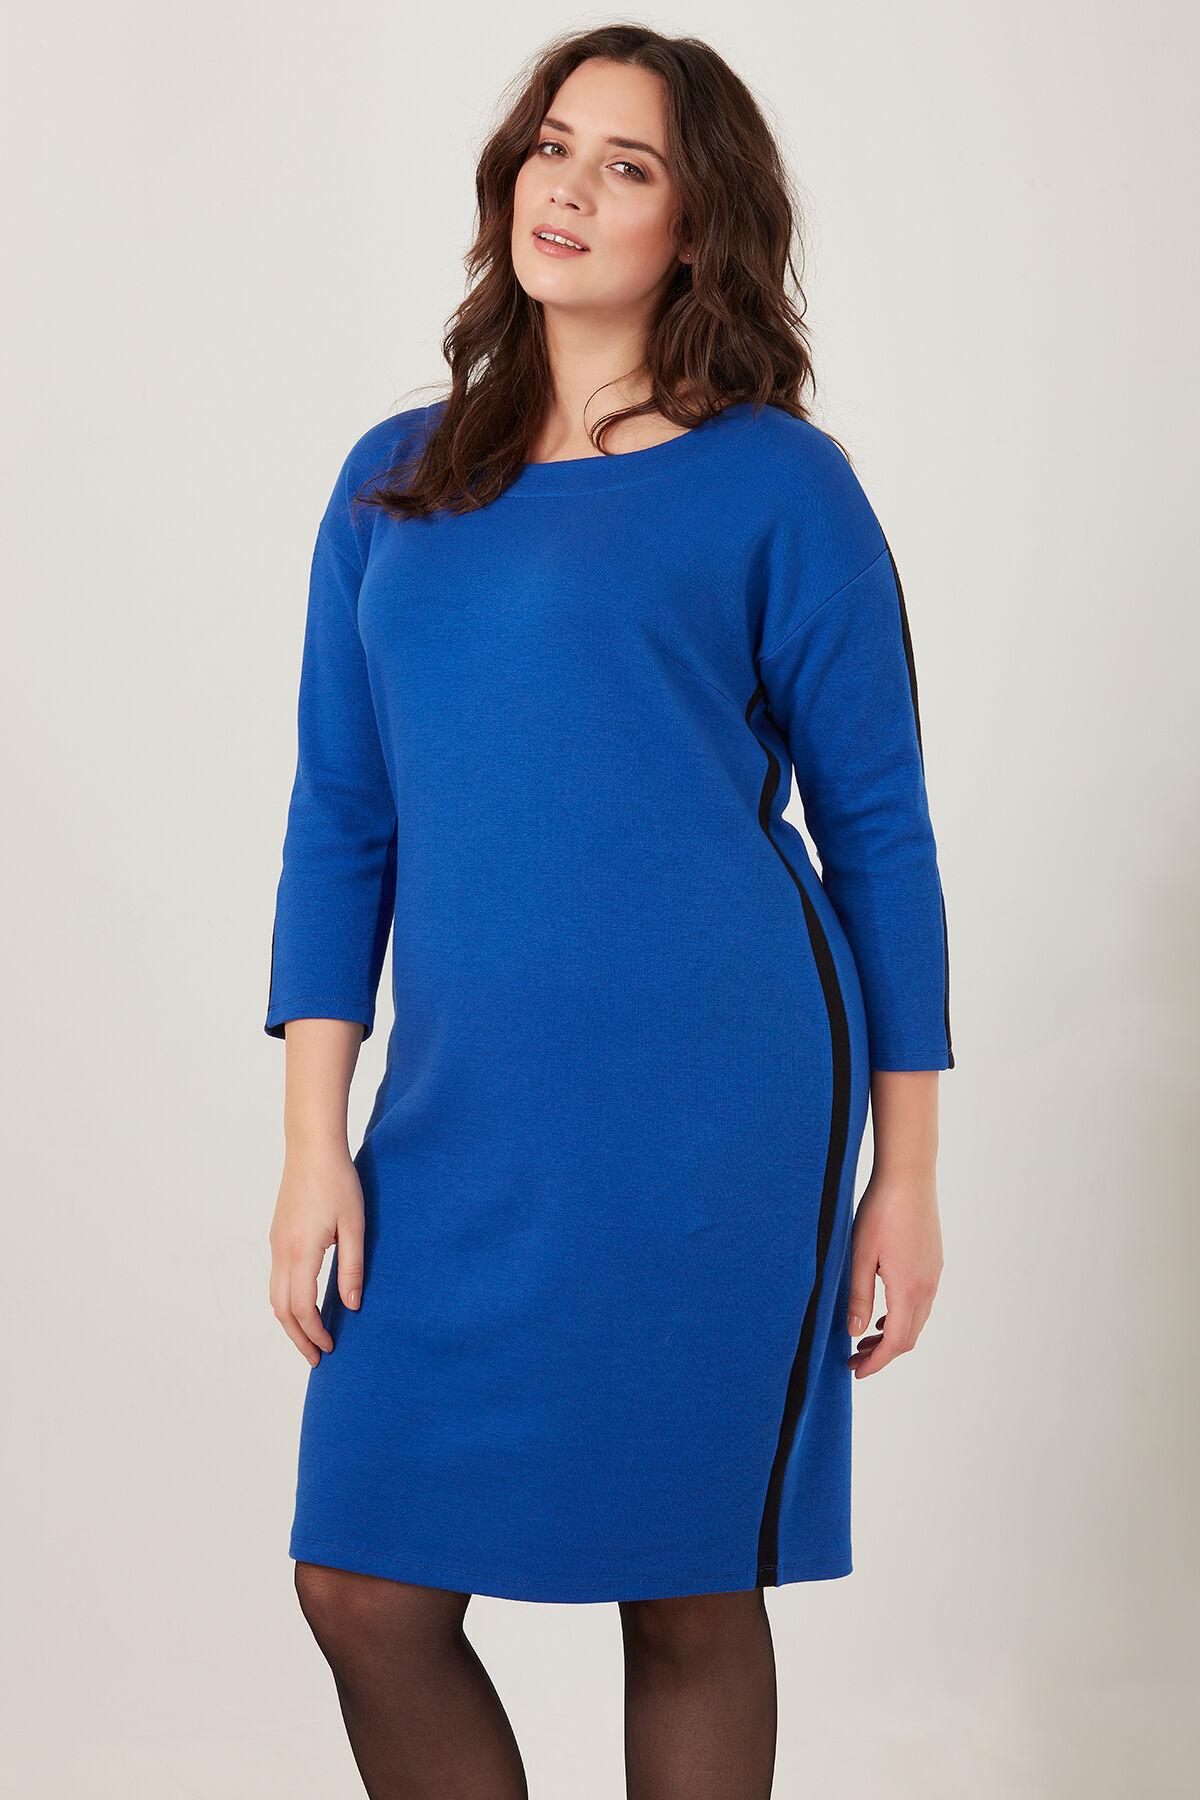 Lange sweater jurk dames